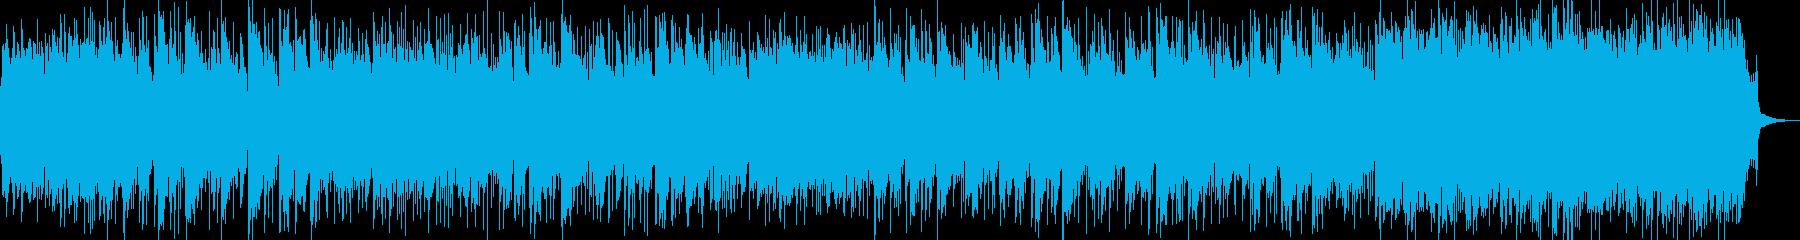 アップテンポ、活気のあるブルーグラスの歌の再生済みの波形